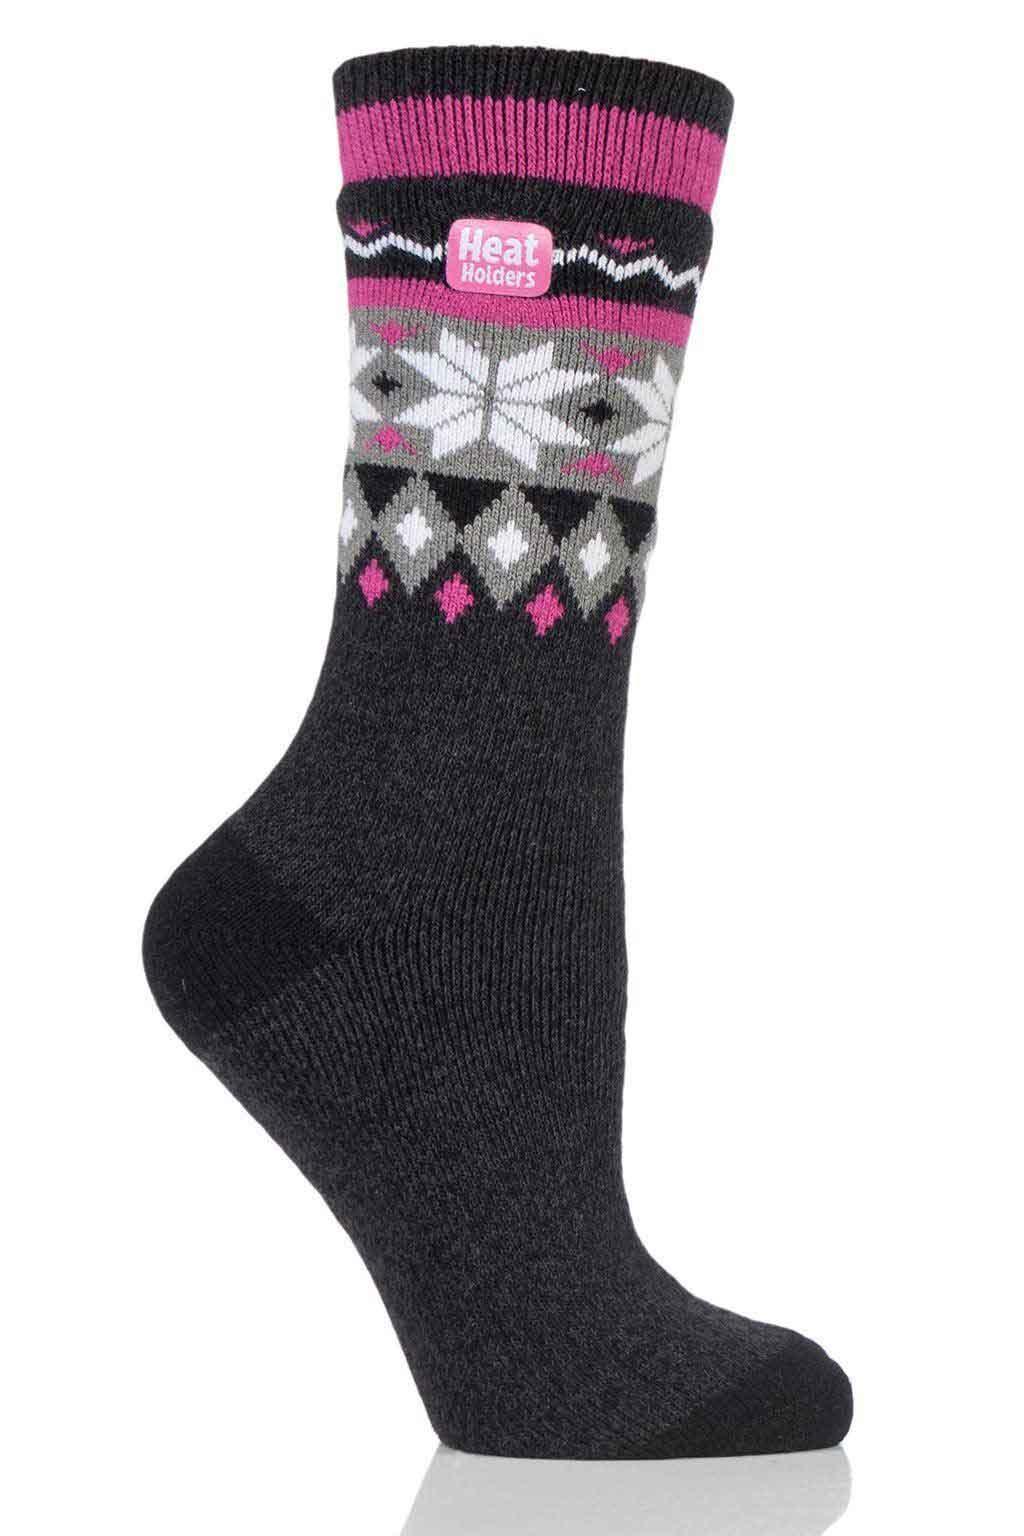 Heat Holders 1.6 Tog Lite Fairisle Socks Standard